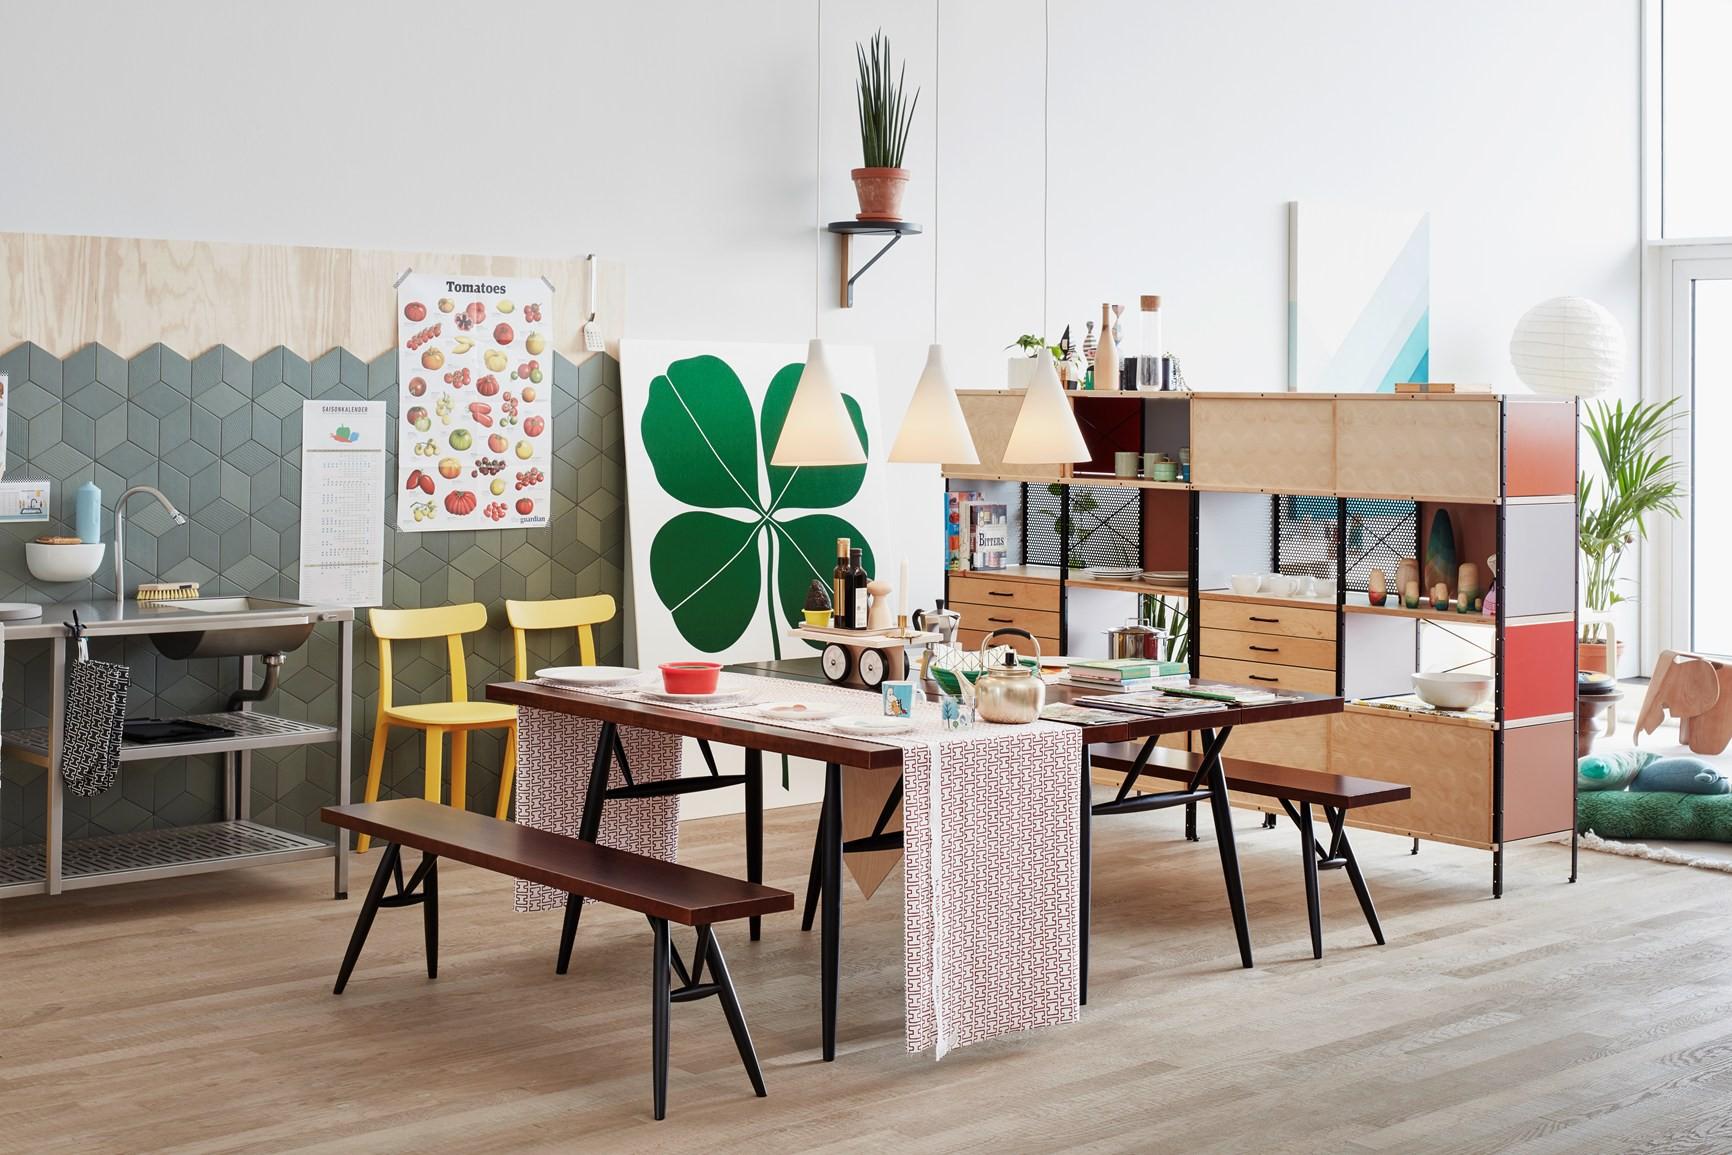 Những góc nội thất hiện đại với cách bố trí vô cùng sáng tạo trong căn hộ nhỏ - Ảnh 3.